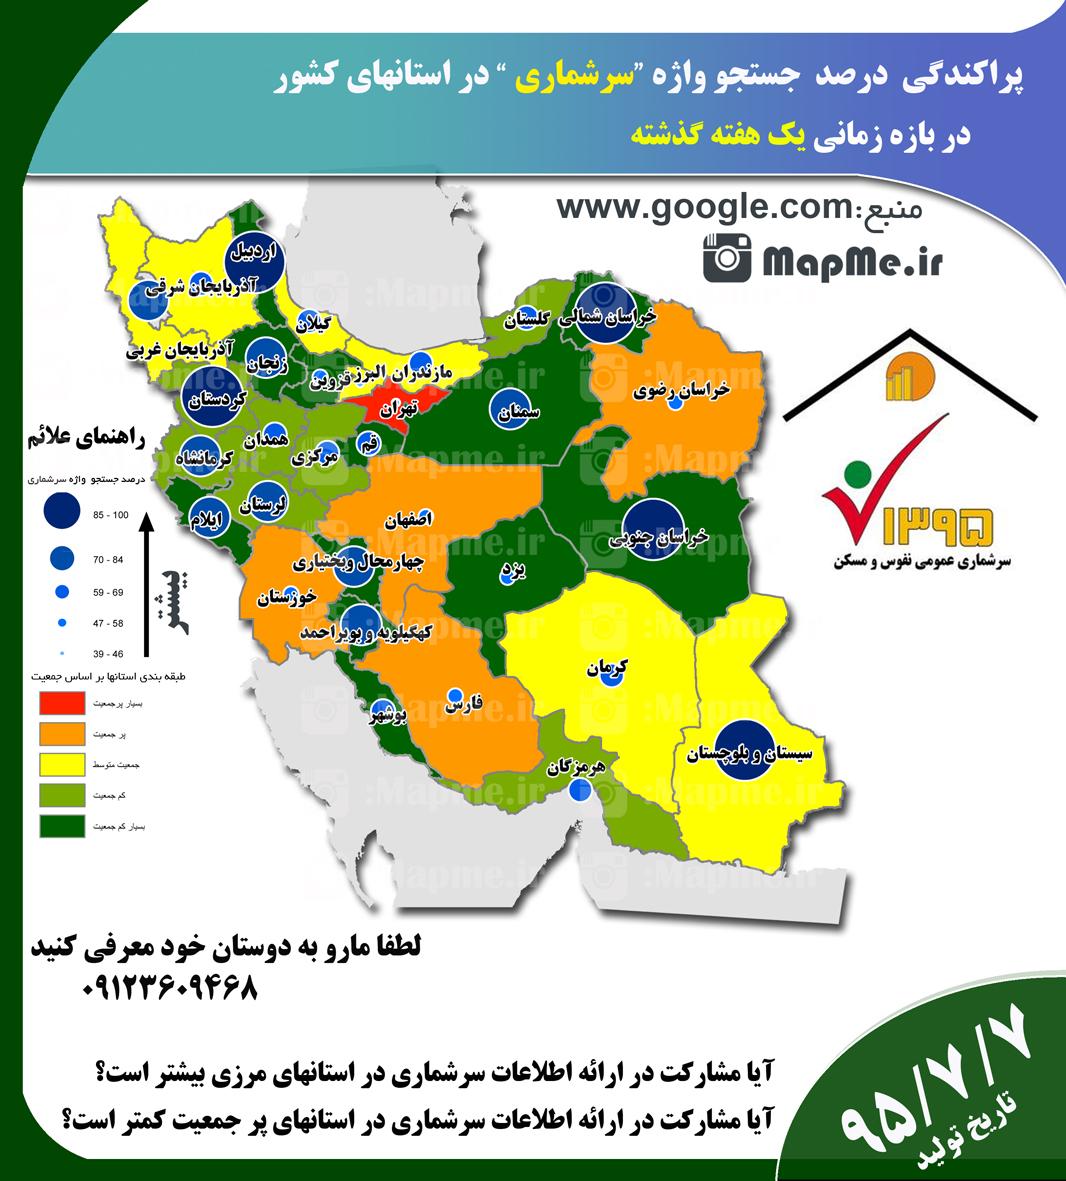 جمعیت استان قزوین در سال 1395 رضا زمانی تحلیلگر و مشاور سیستم های اطلاعات مکانی GIS